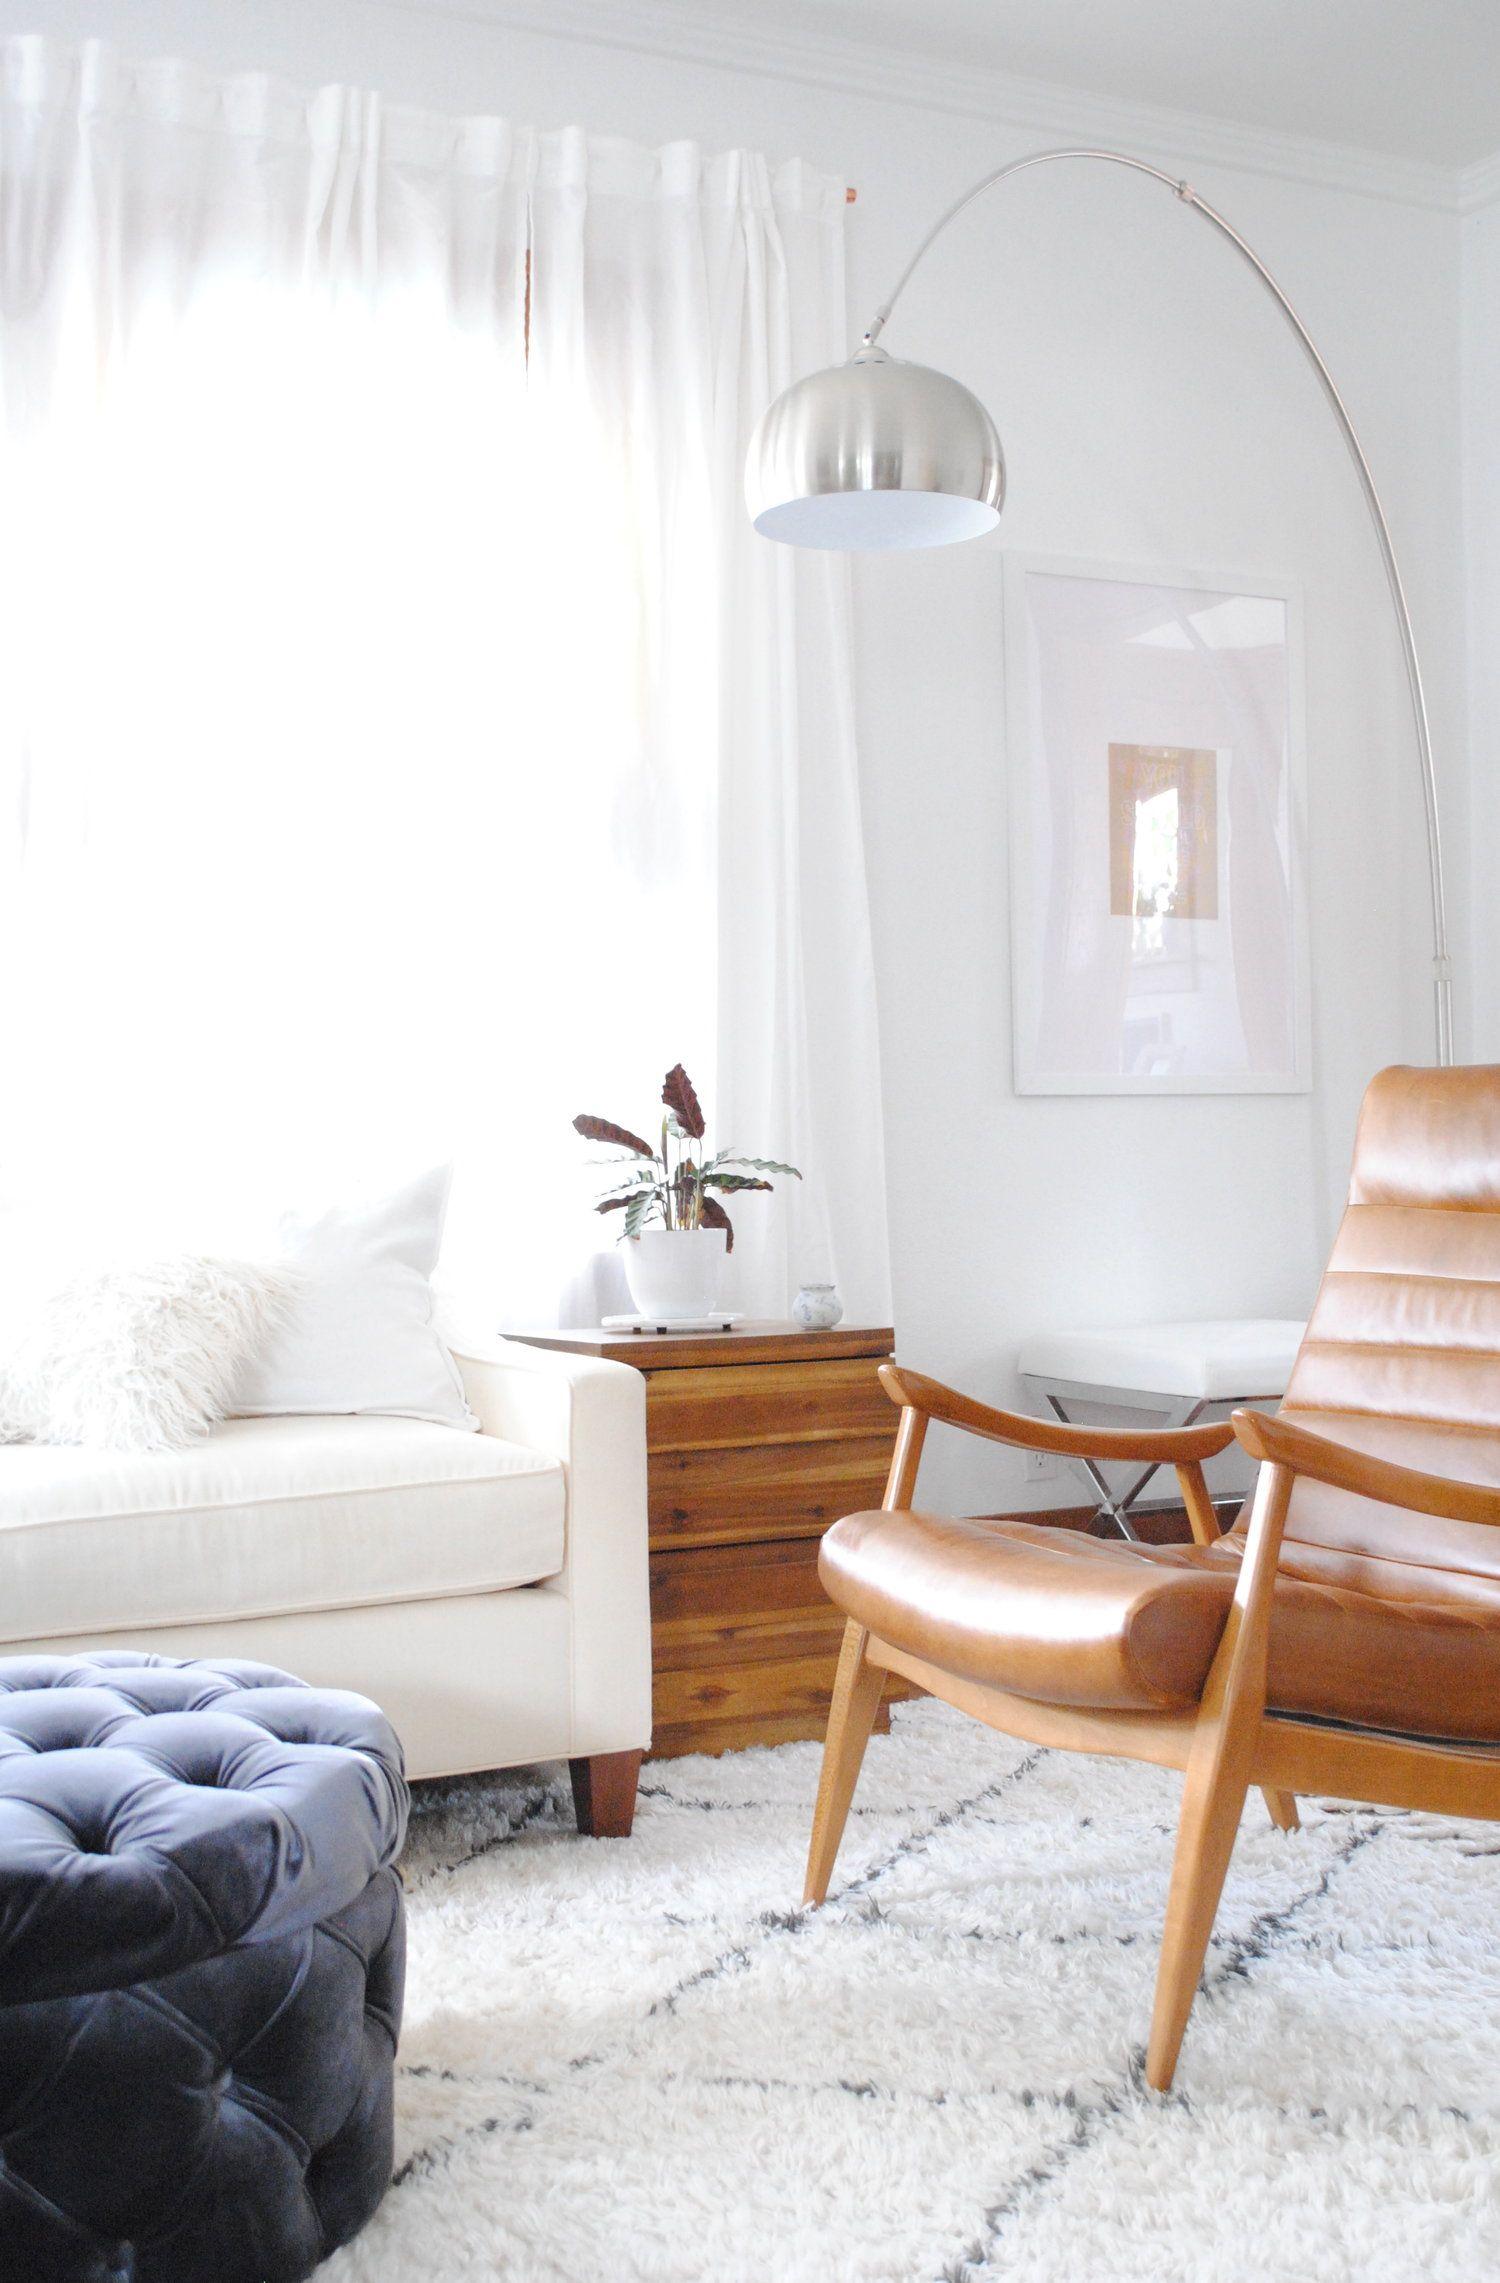 Living Room Design featuring Hans Wegner chair velvet ottoman whi